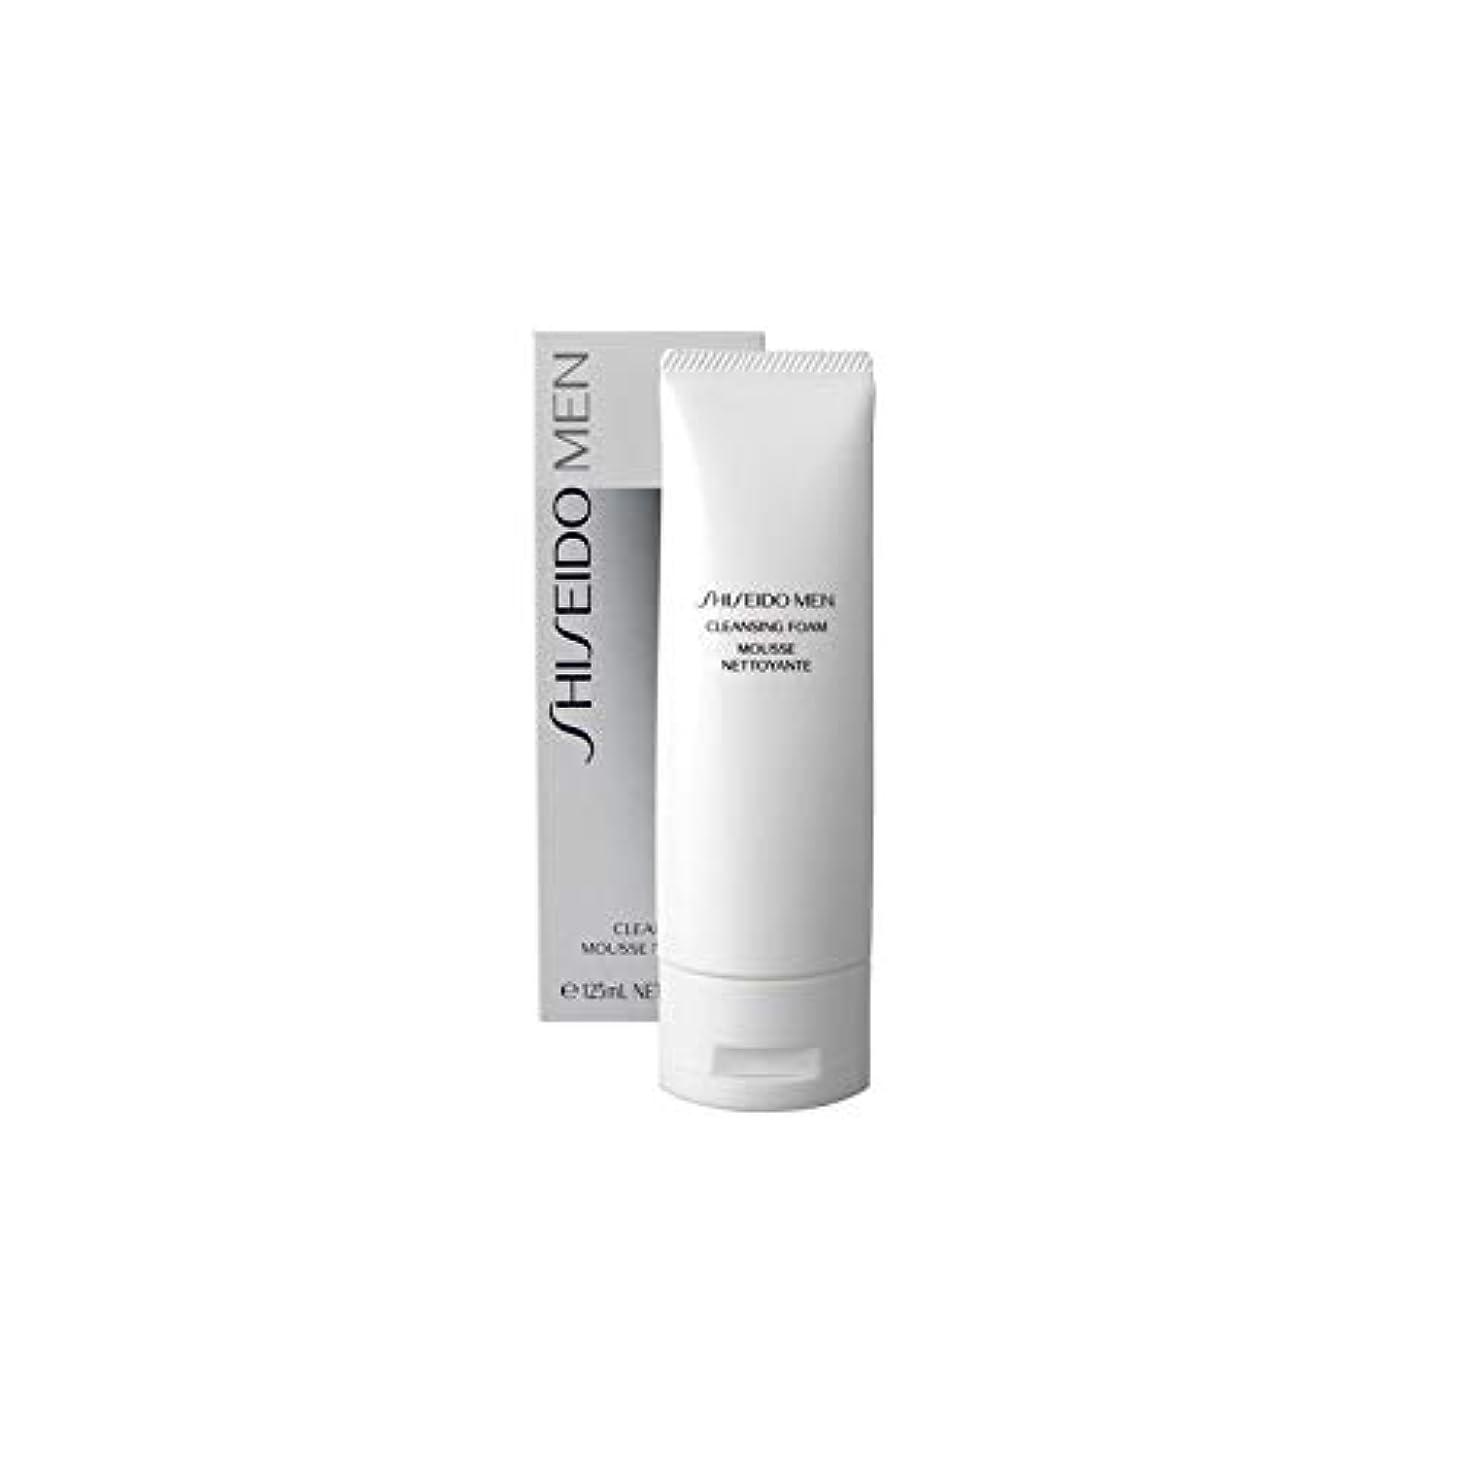 どちらか拒否隣接[Shiseido] 資生堂は、クレンジングフォーム(125ミリリットル)をメンズ - Shiseido Mens Cleansing Foam (125ml) [並行輸入品]